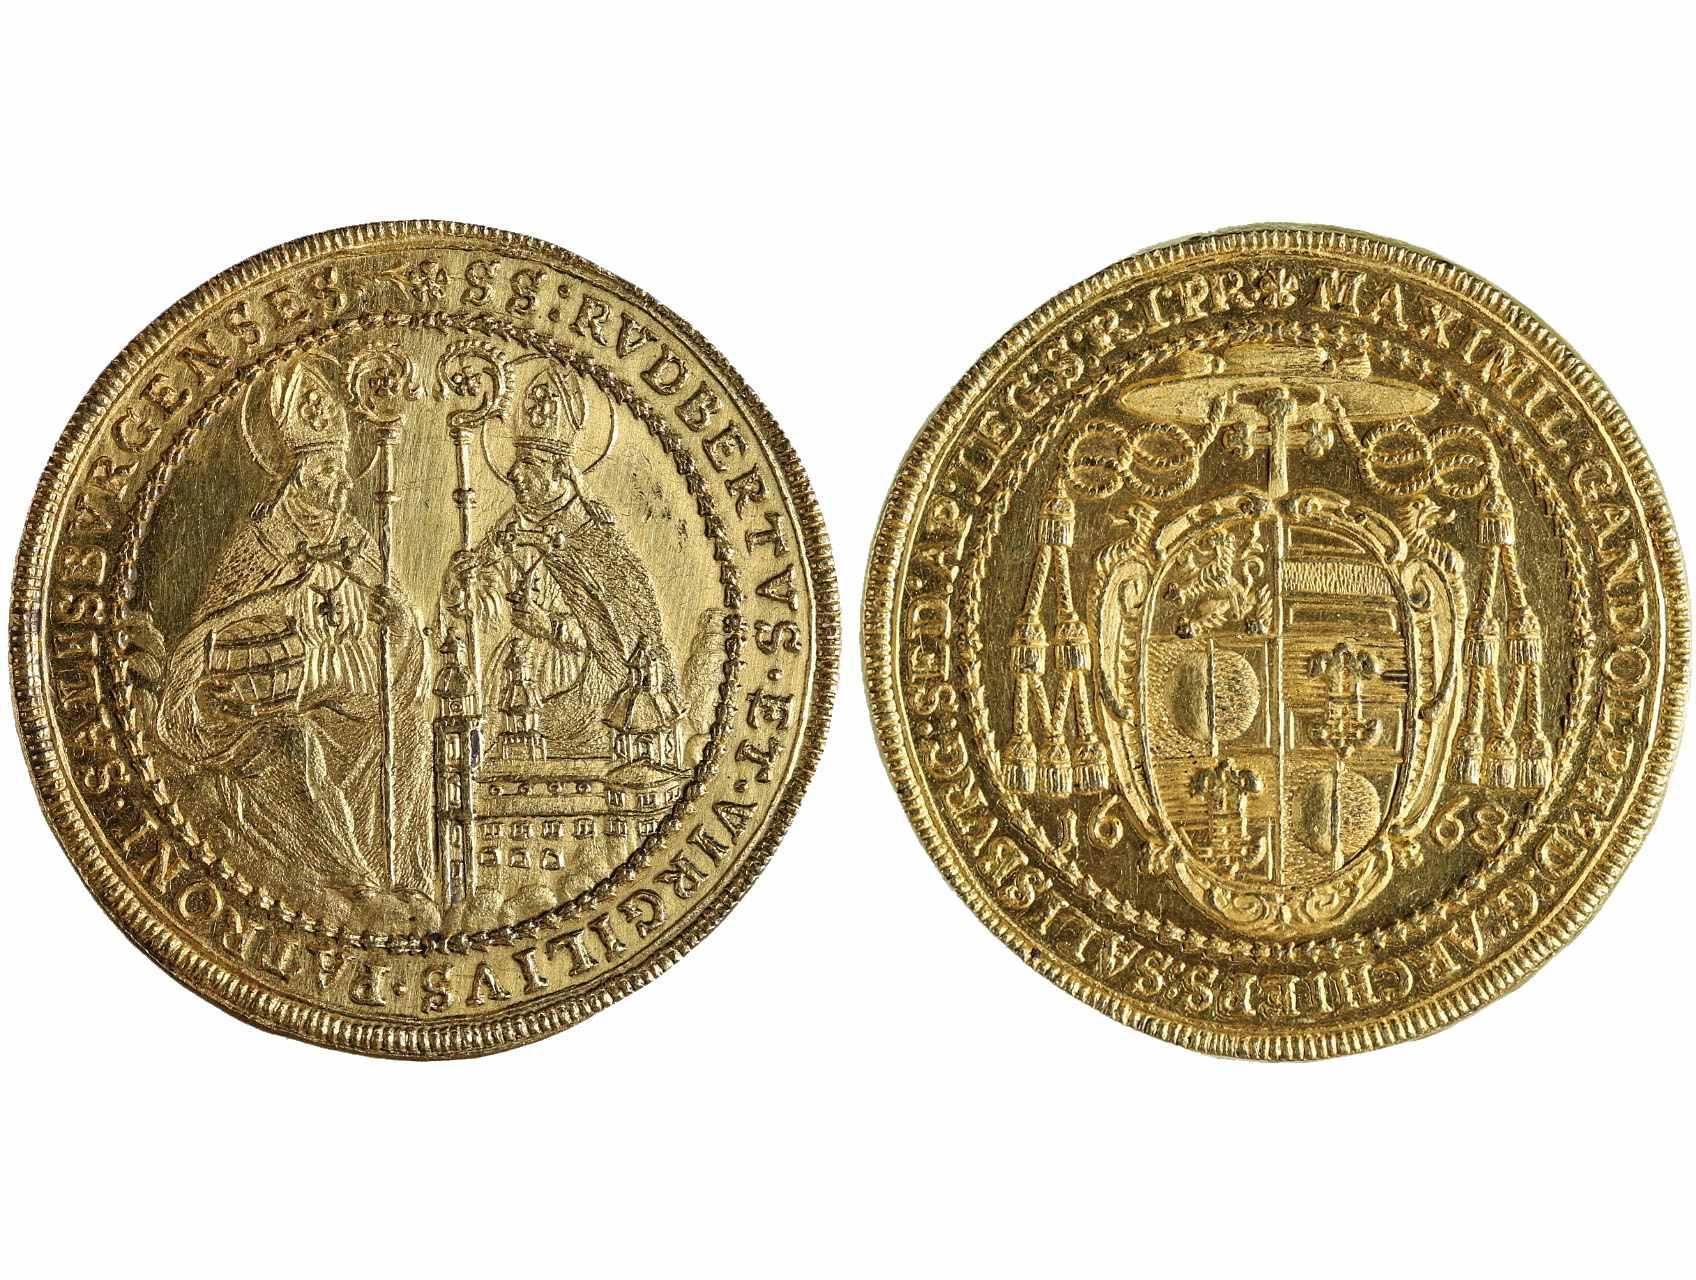 Církevní a rodové ražby, Salzburg - arcibiskupství, Max Gandolph von Küenburg 1668-1687, 6ti Dukát 1668 k nástupu na úřad, opis avers: MAXIMIL GANDOLPH9 D G ARCHIEPS SALISBVRG SED AP LEG S R I PR., opis revers: RVDBERTVS ET VIRGILIVS PATRONI SALISBVRGENSES, Fr. 801; Probszt 1598. 20,75 g., vyjímečná zachovalost, velmi vzácný a atraktivní exemplář, v tomto stavu známý 3. kus